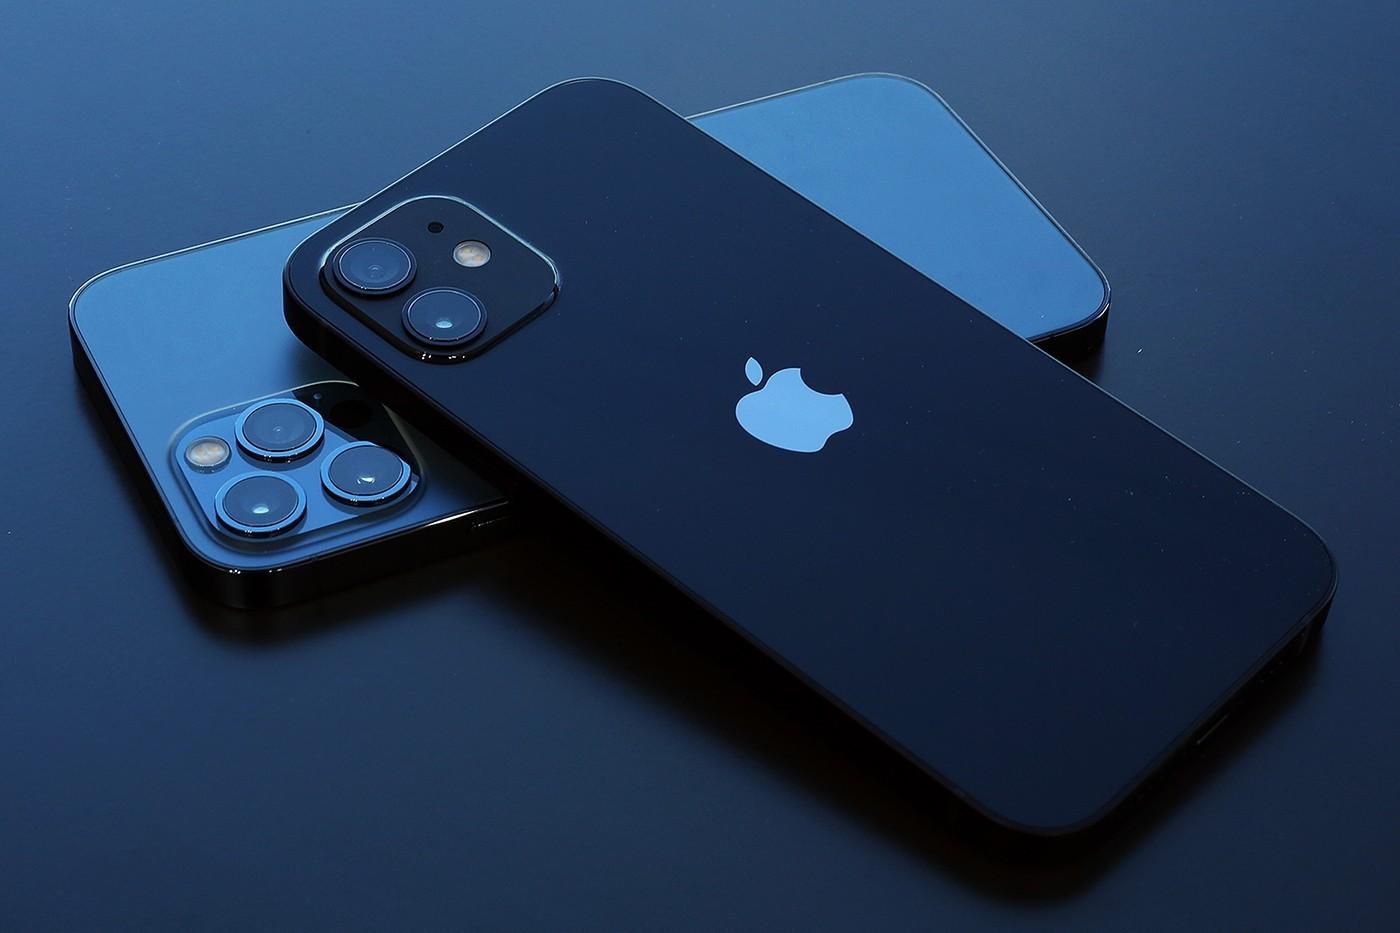 苹果的iPhone 12排名最畅销5G智能手机